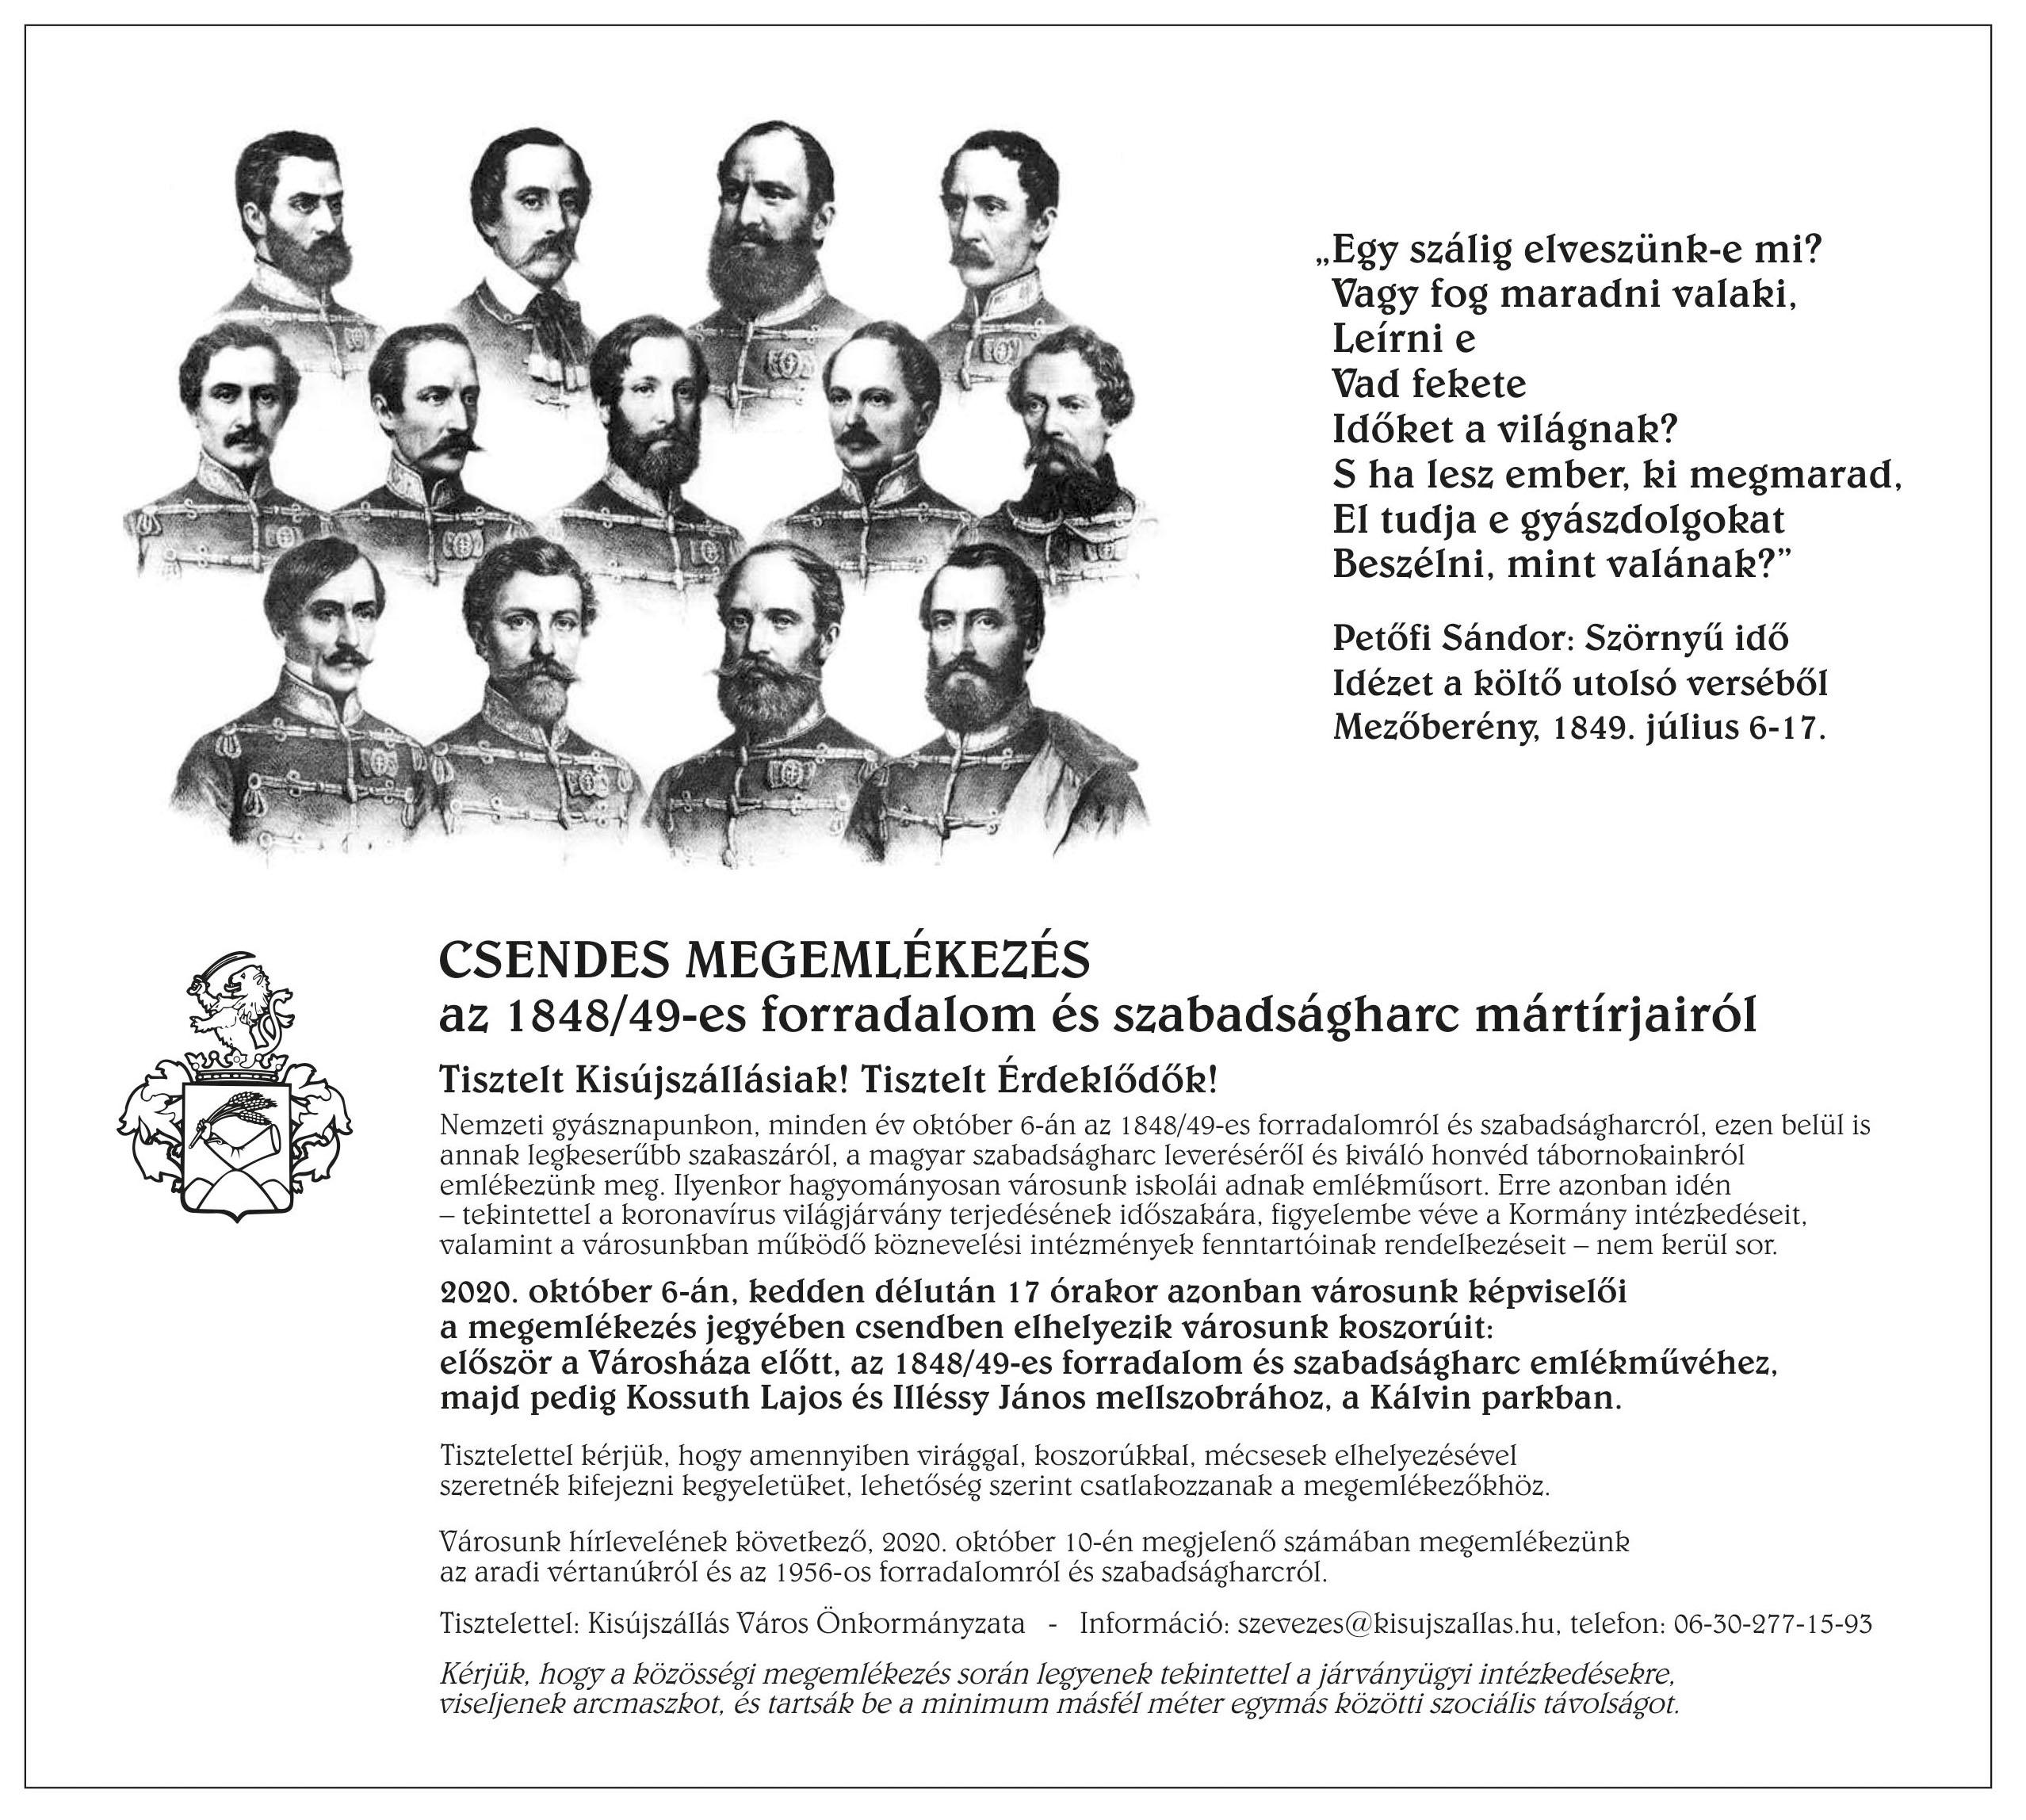 Megemlékezés az 1848/49-es forradalom és szabadságharc mártírjairól